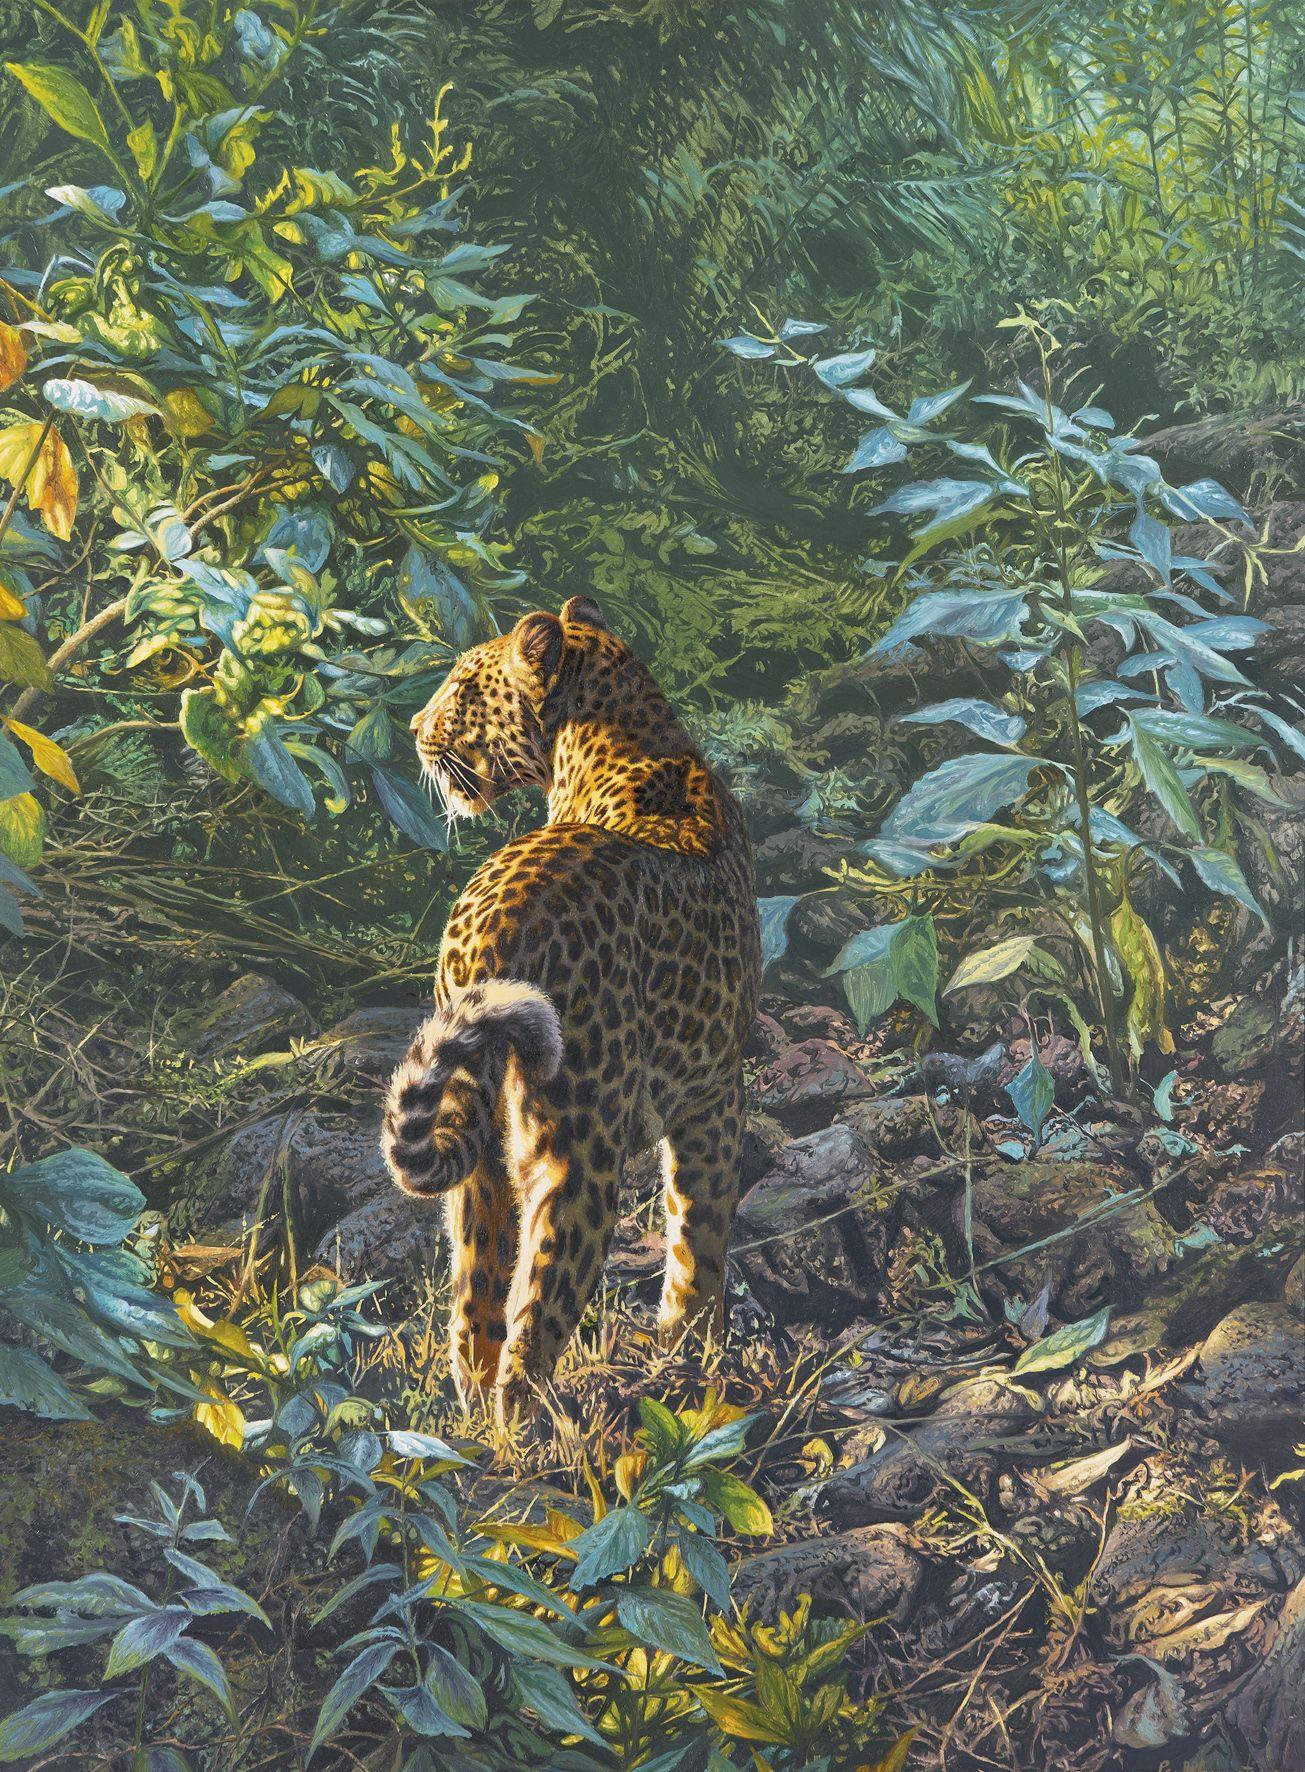 Paul Augustinus Jungle #leopard Wildlife Art In 2019 Paintings Big